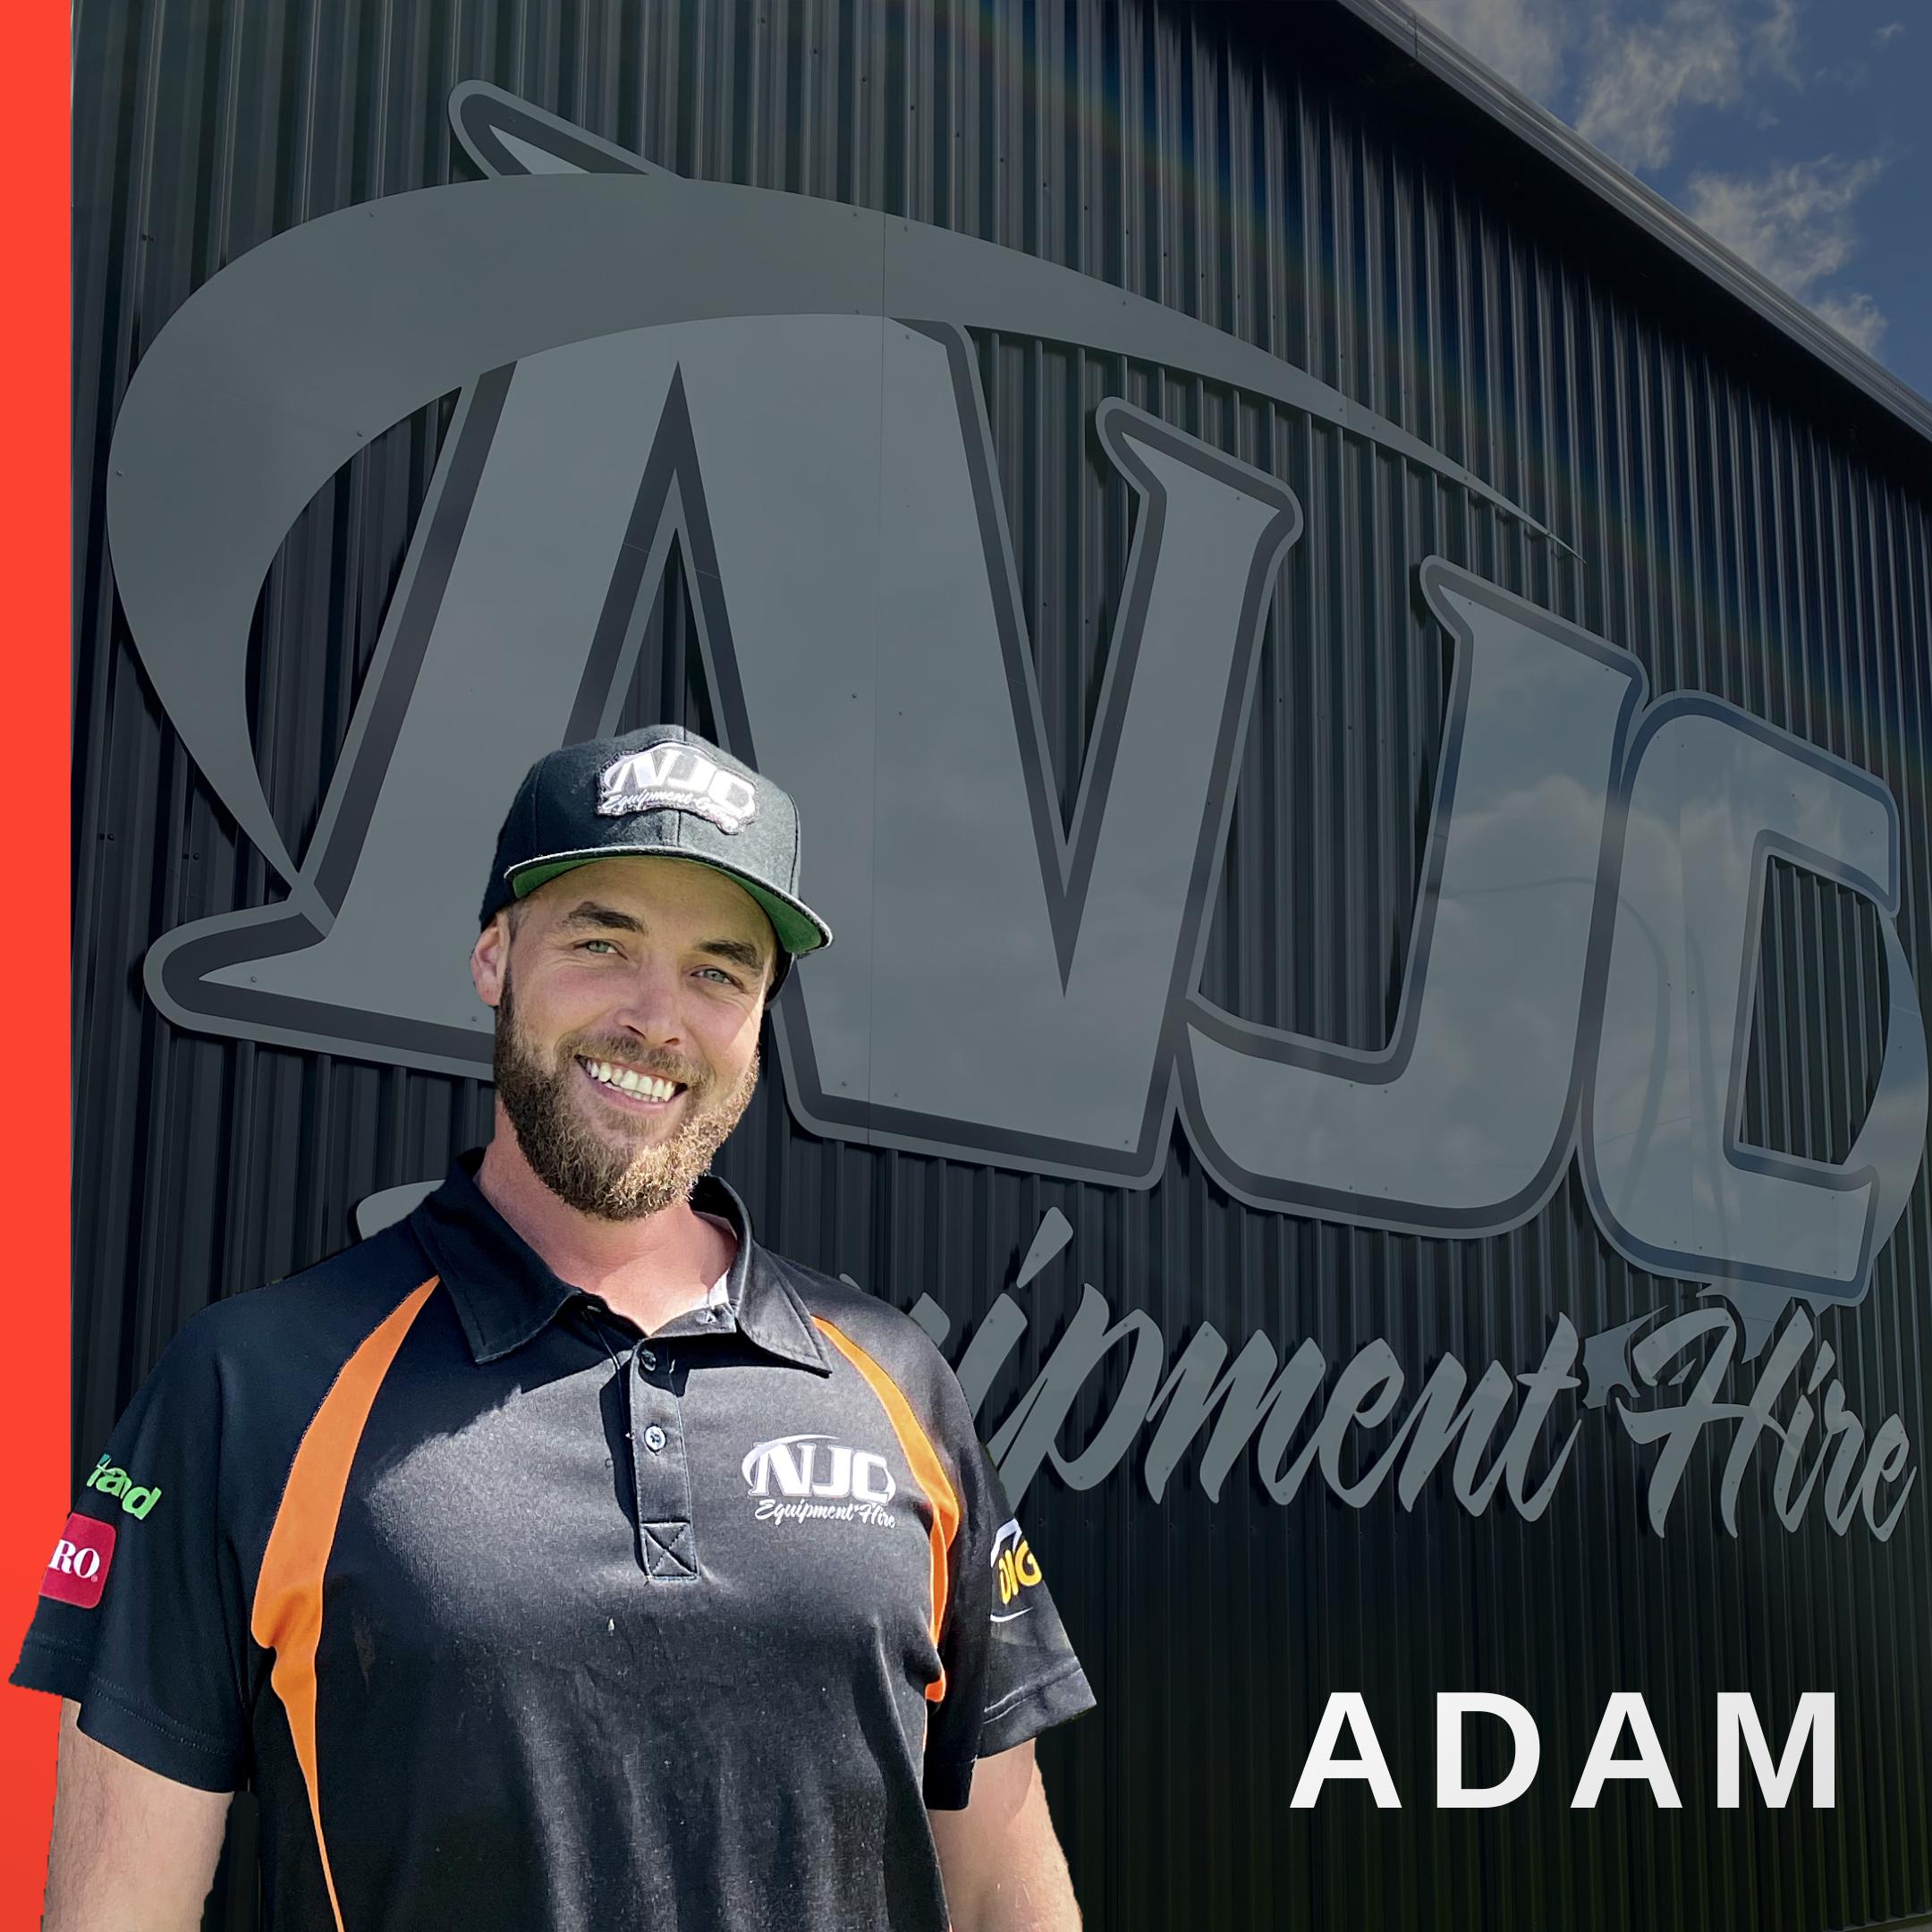 Adam NJC